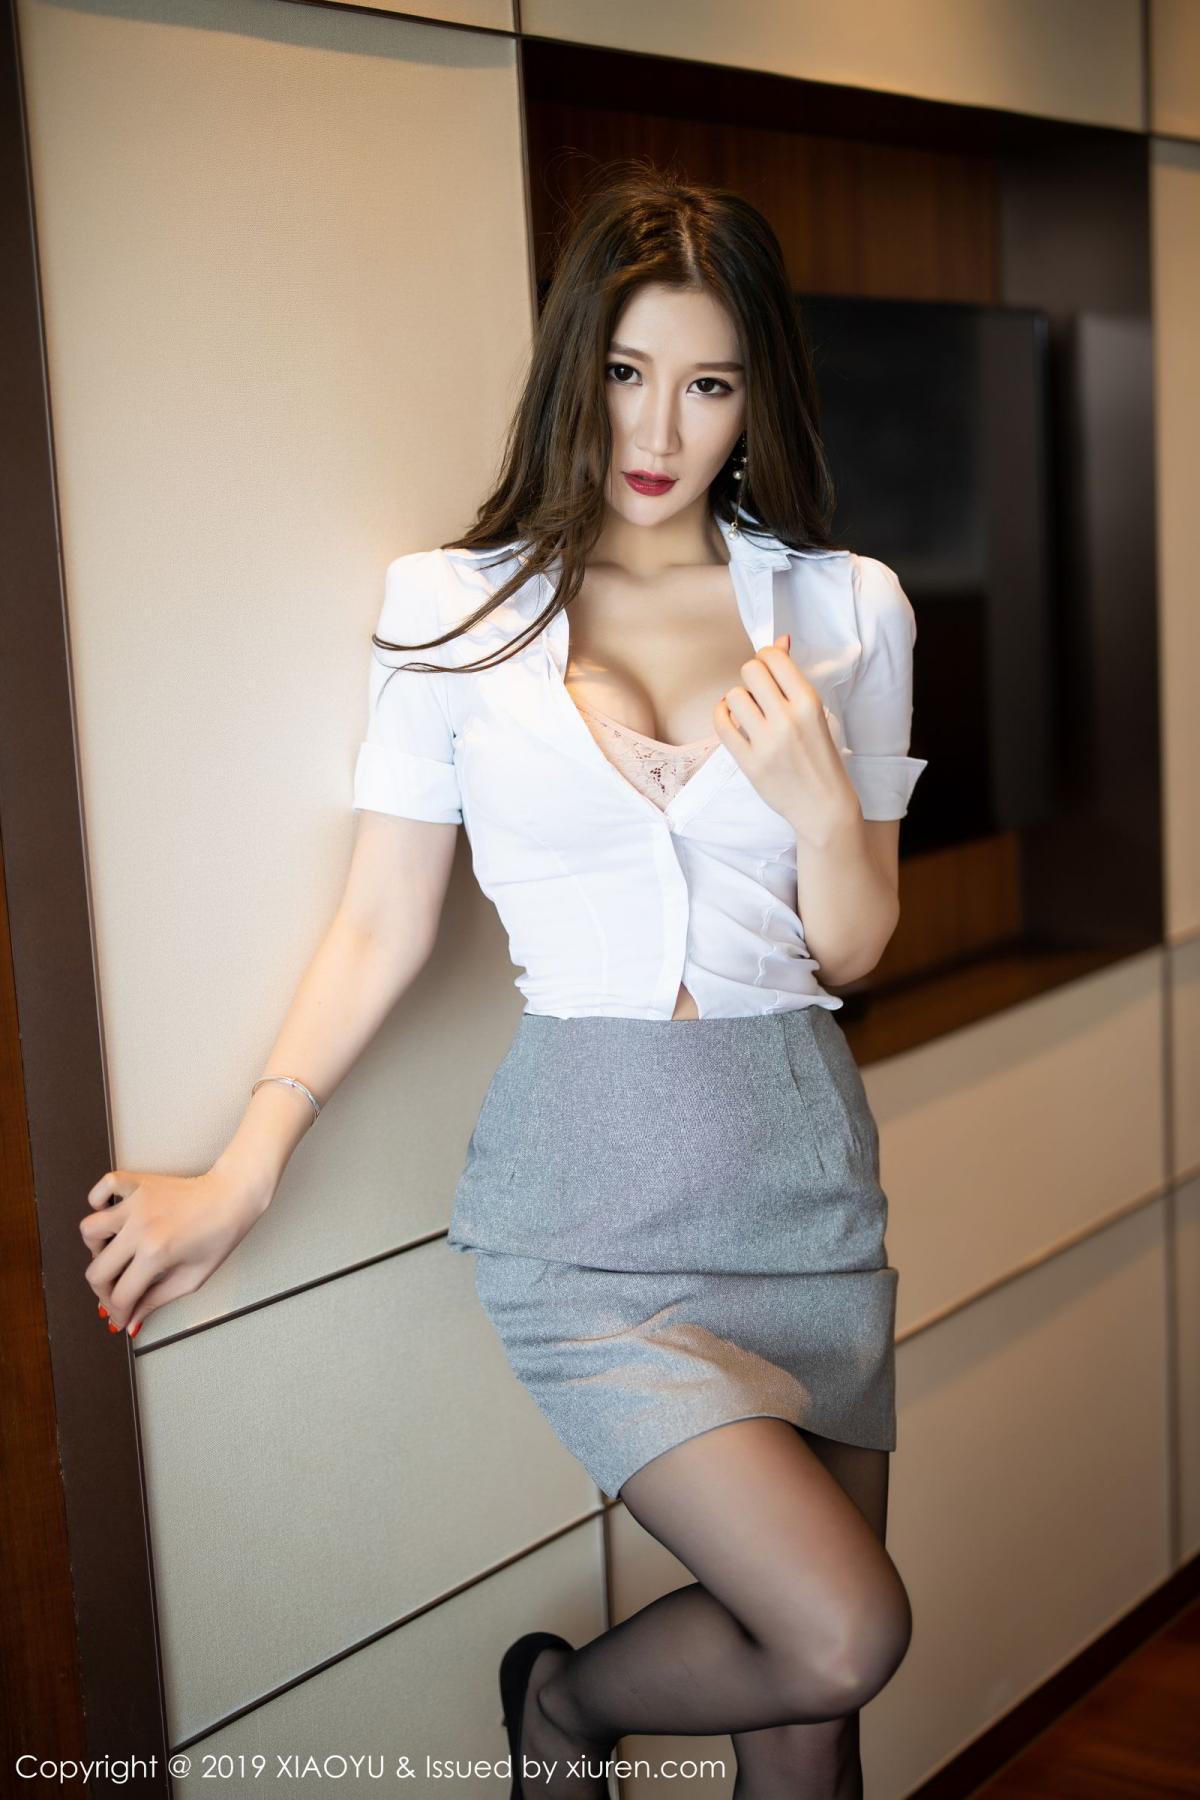 [XiaoYu] Vol.195 Xuan Zi 21P, Tall, Underwear, XiaoYu, Xuan Zi